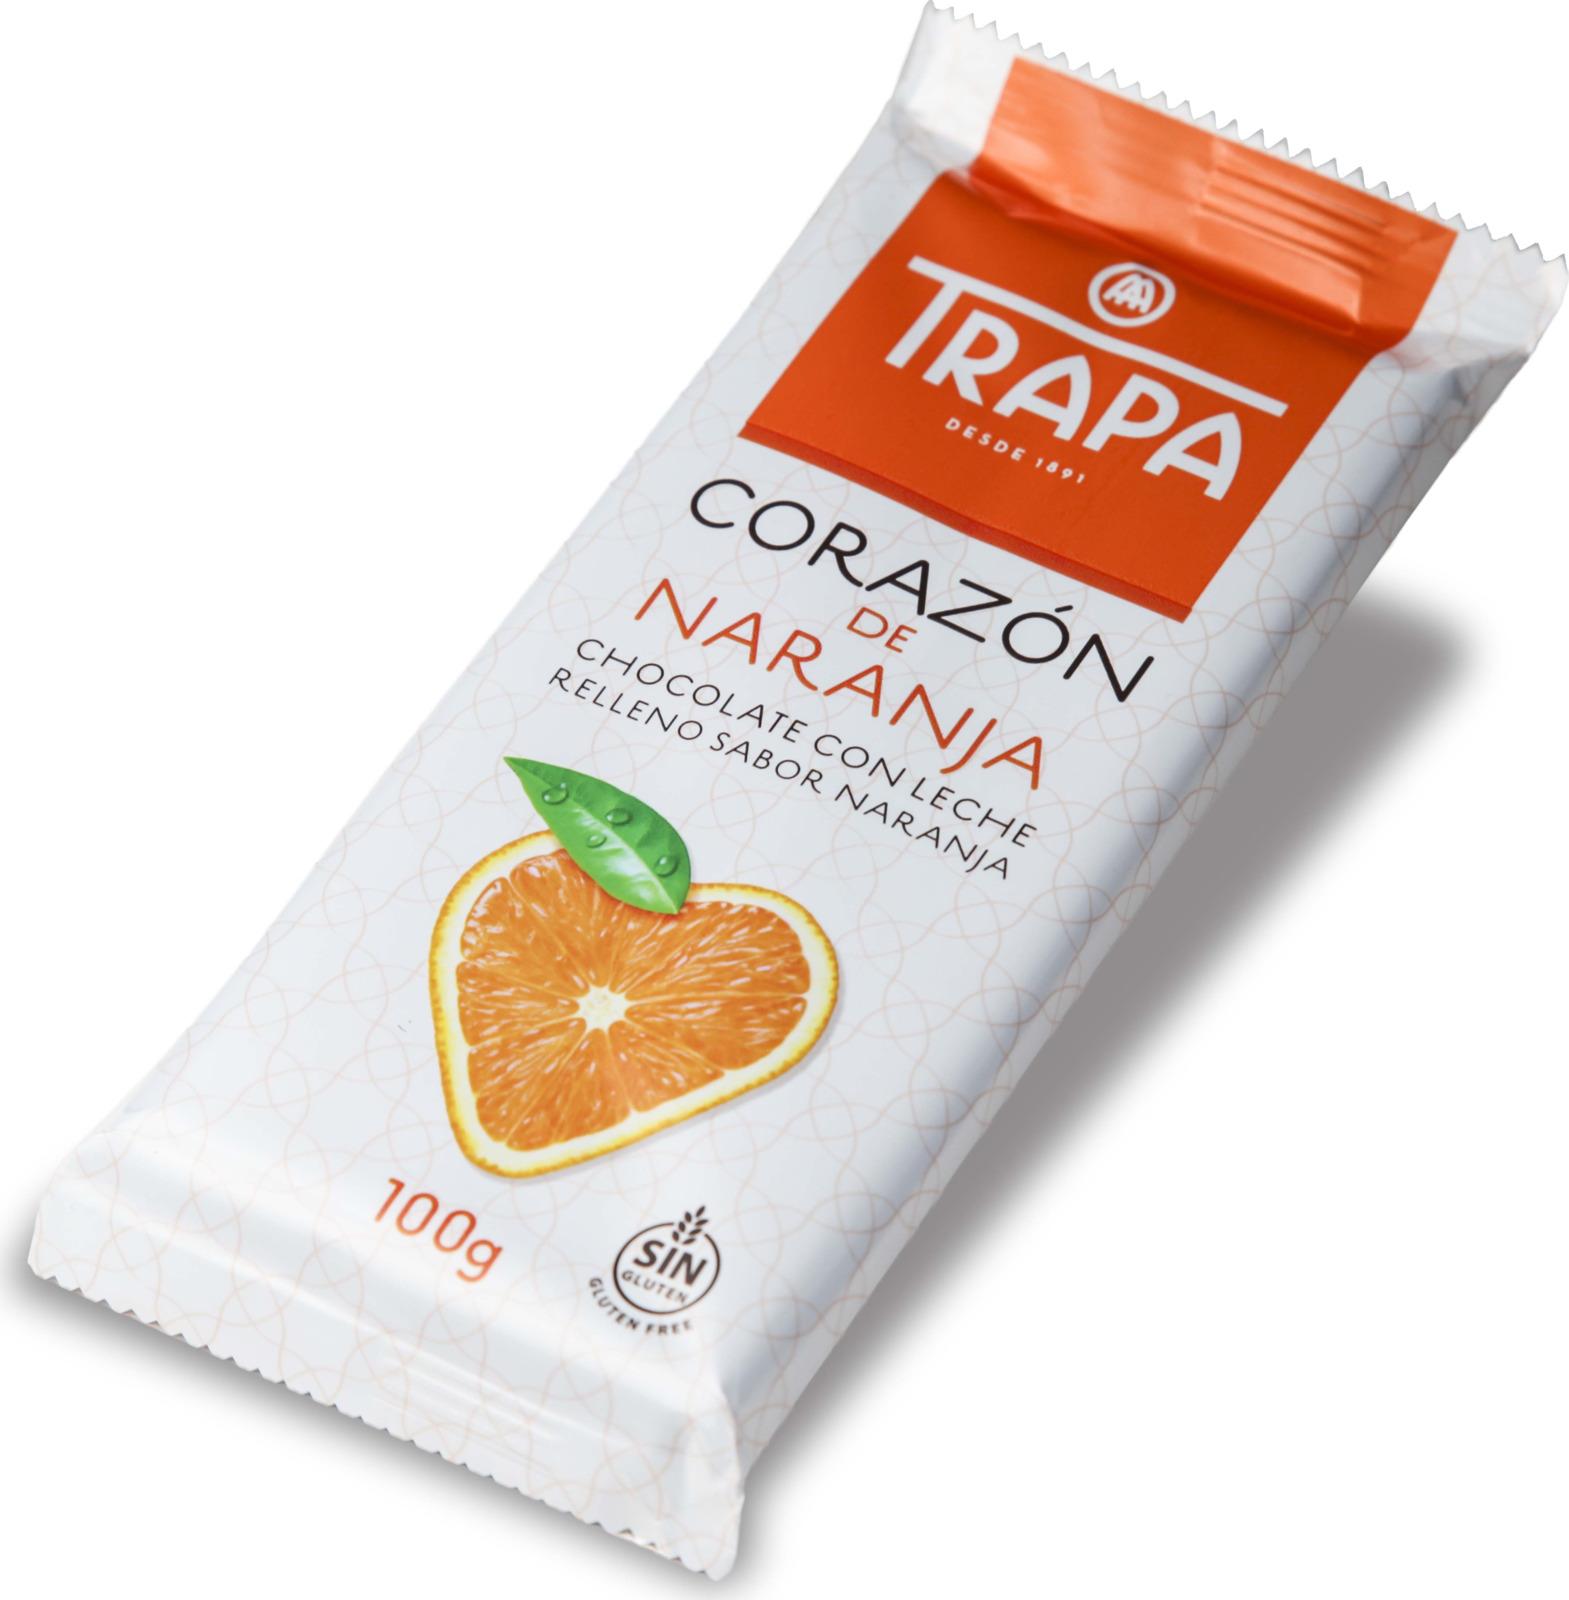 Молочный шоколад Trapa Corazоn Bar, с апельсиновой начинкой, 100 г lindt creation шоколад фондан молочный шоколад c начинкой 100 г